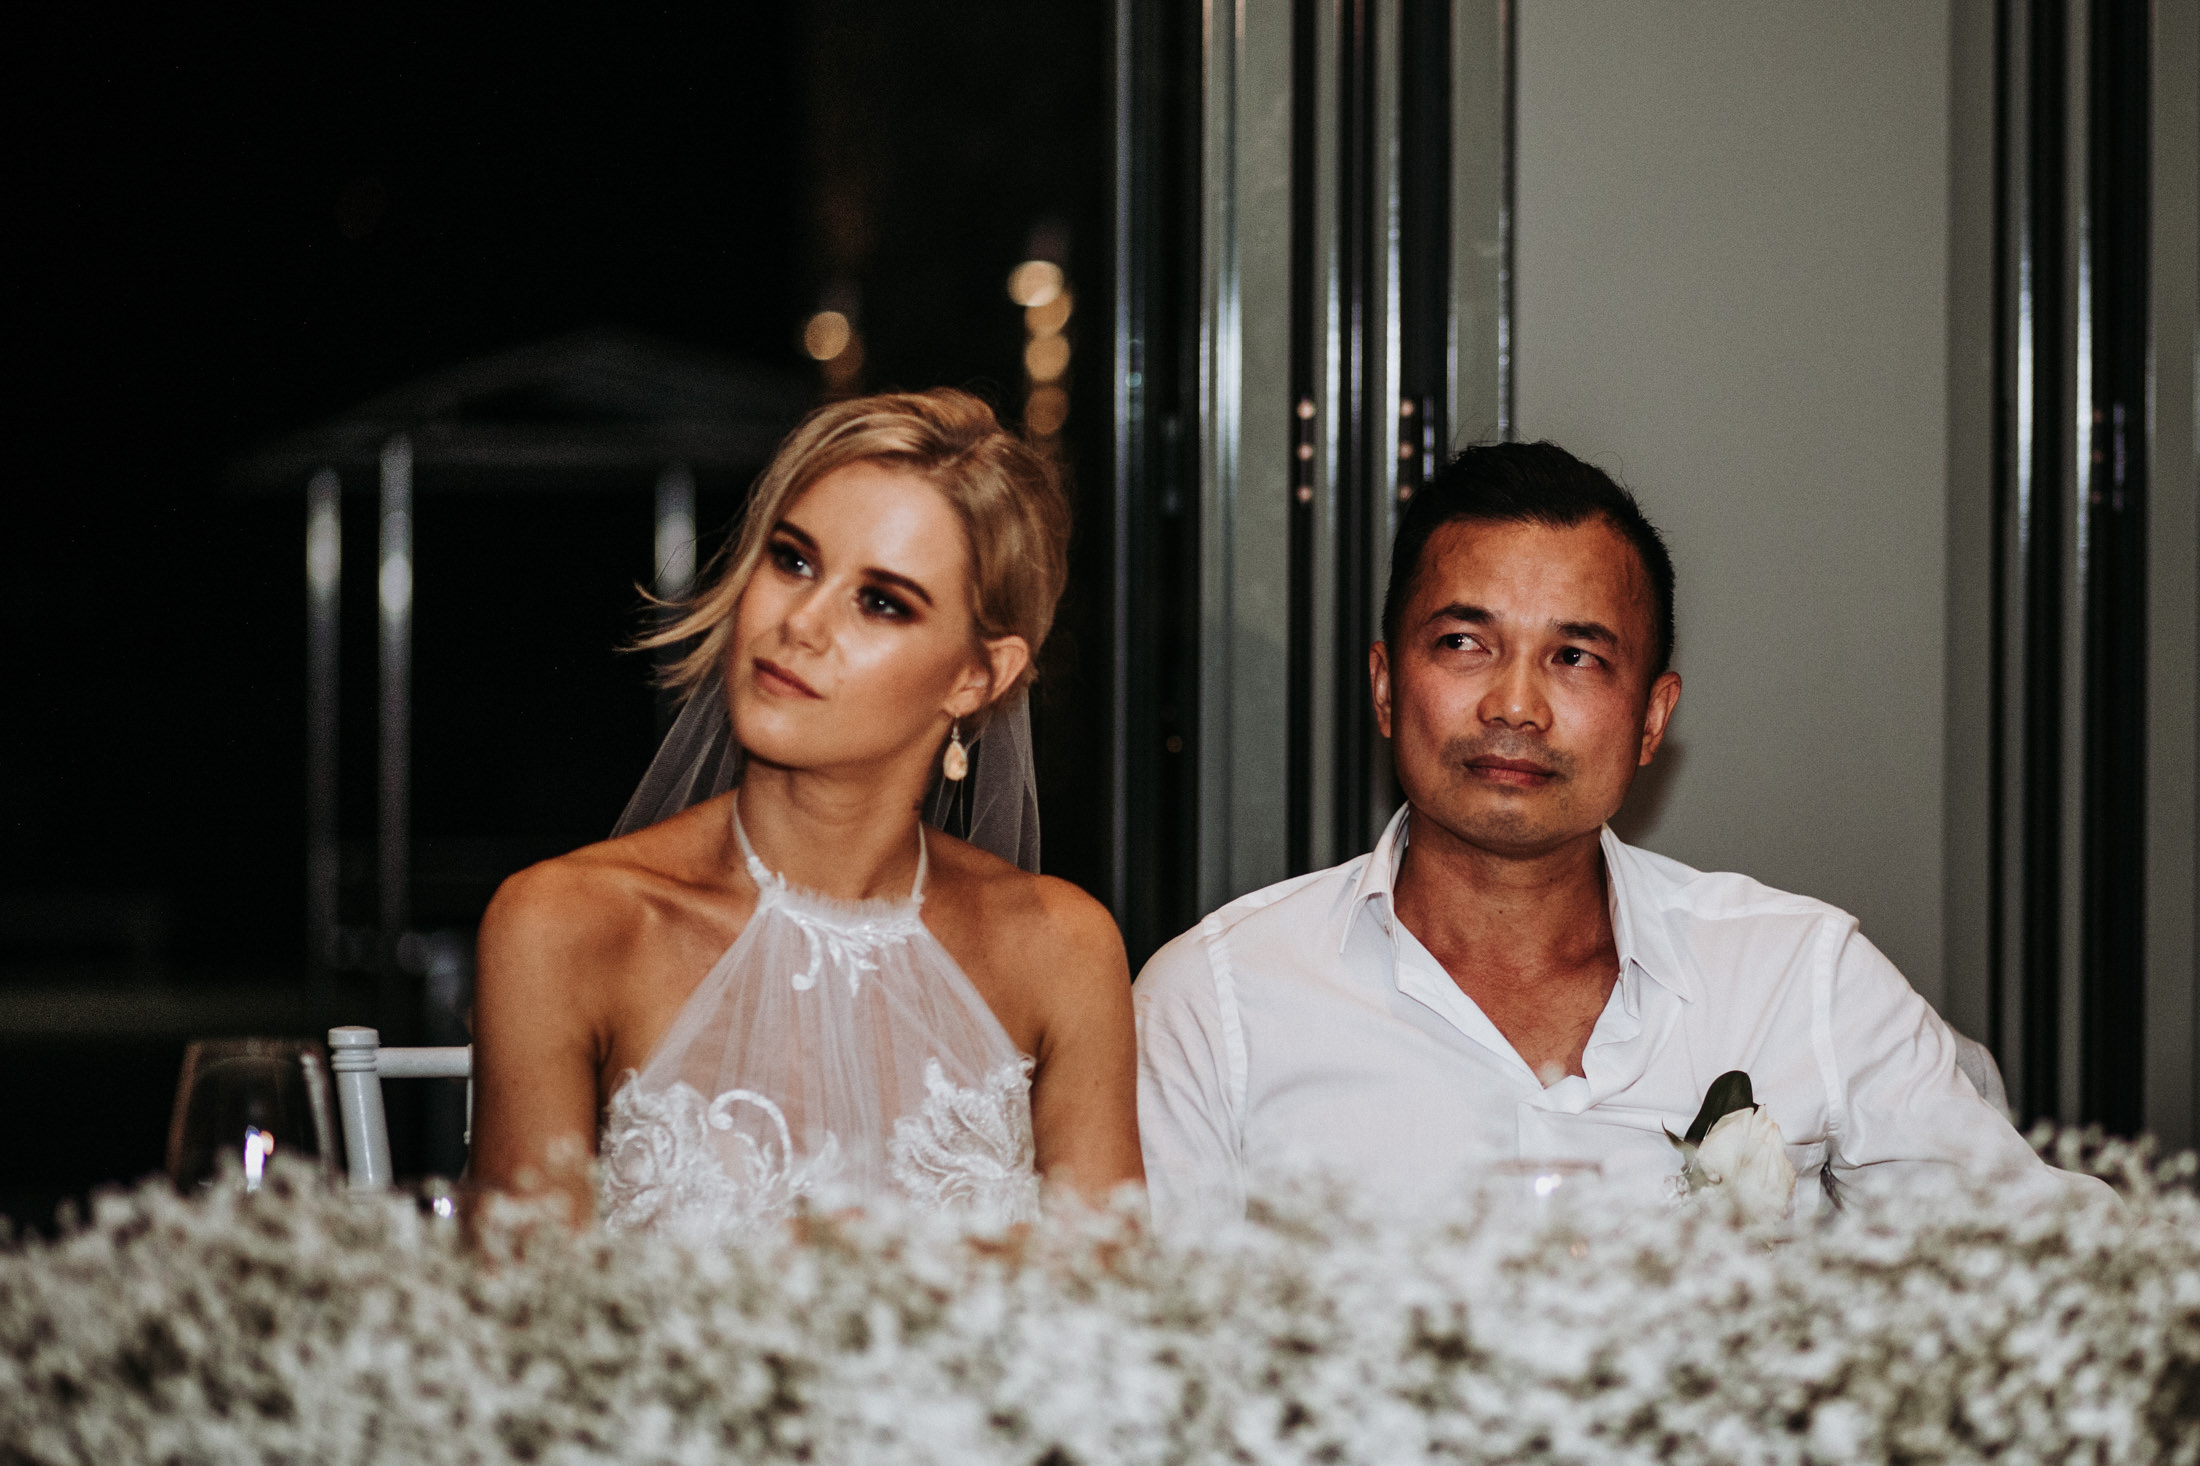 DanielaMarquardt_Wedding_Thailand_398